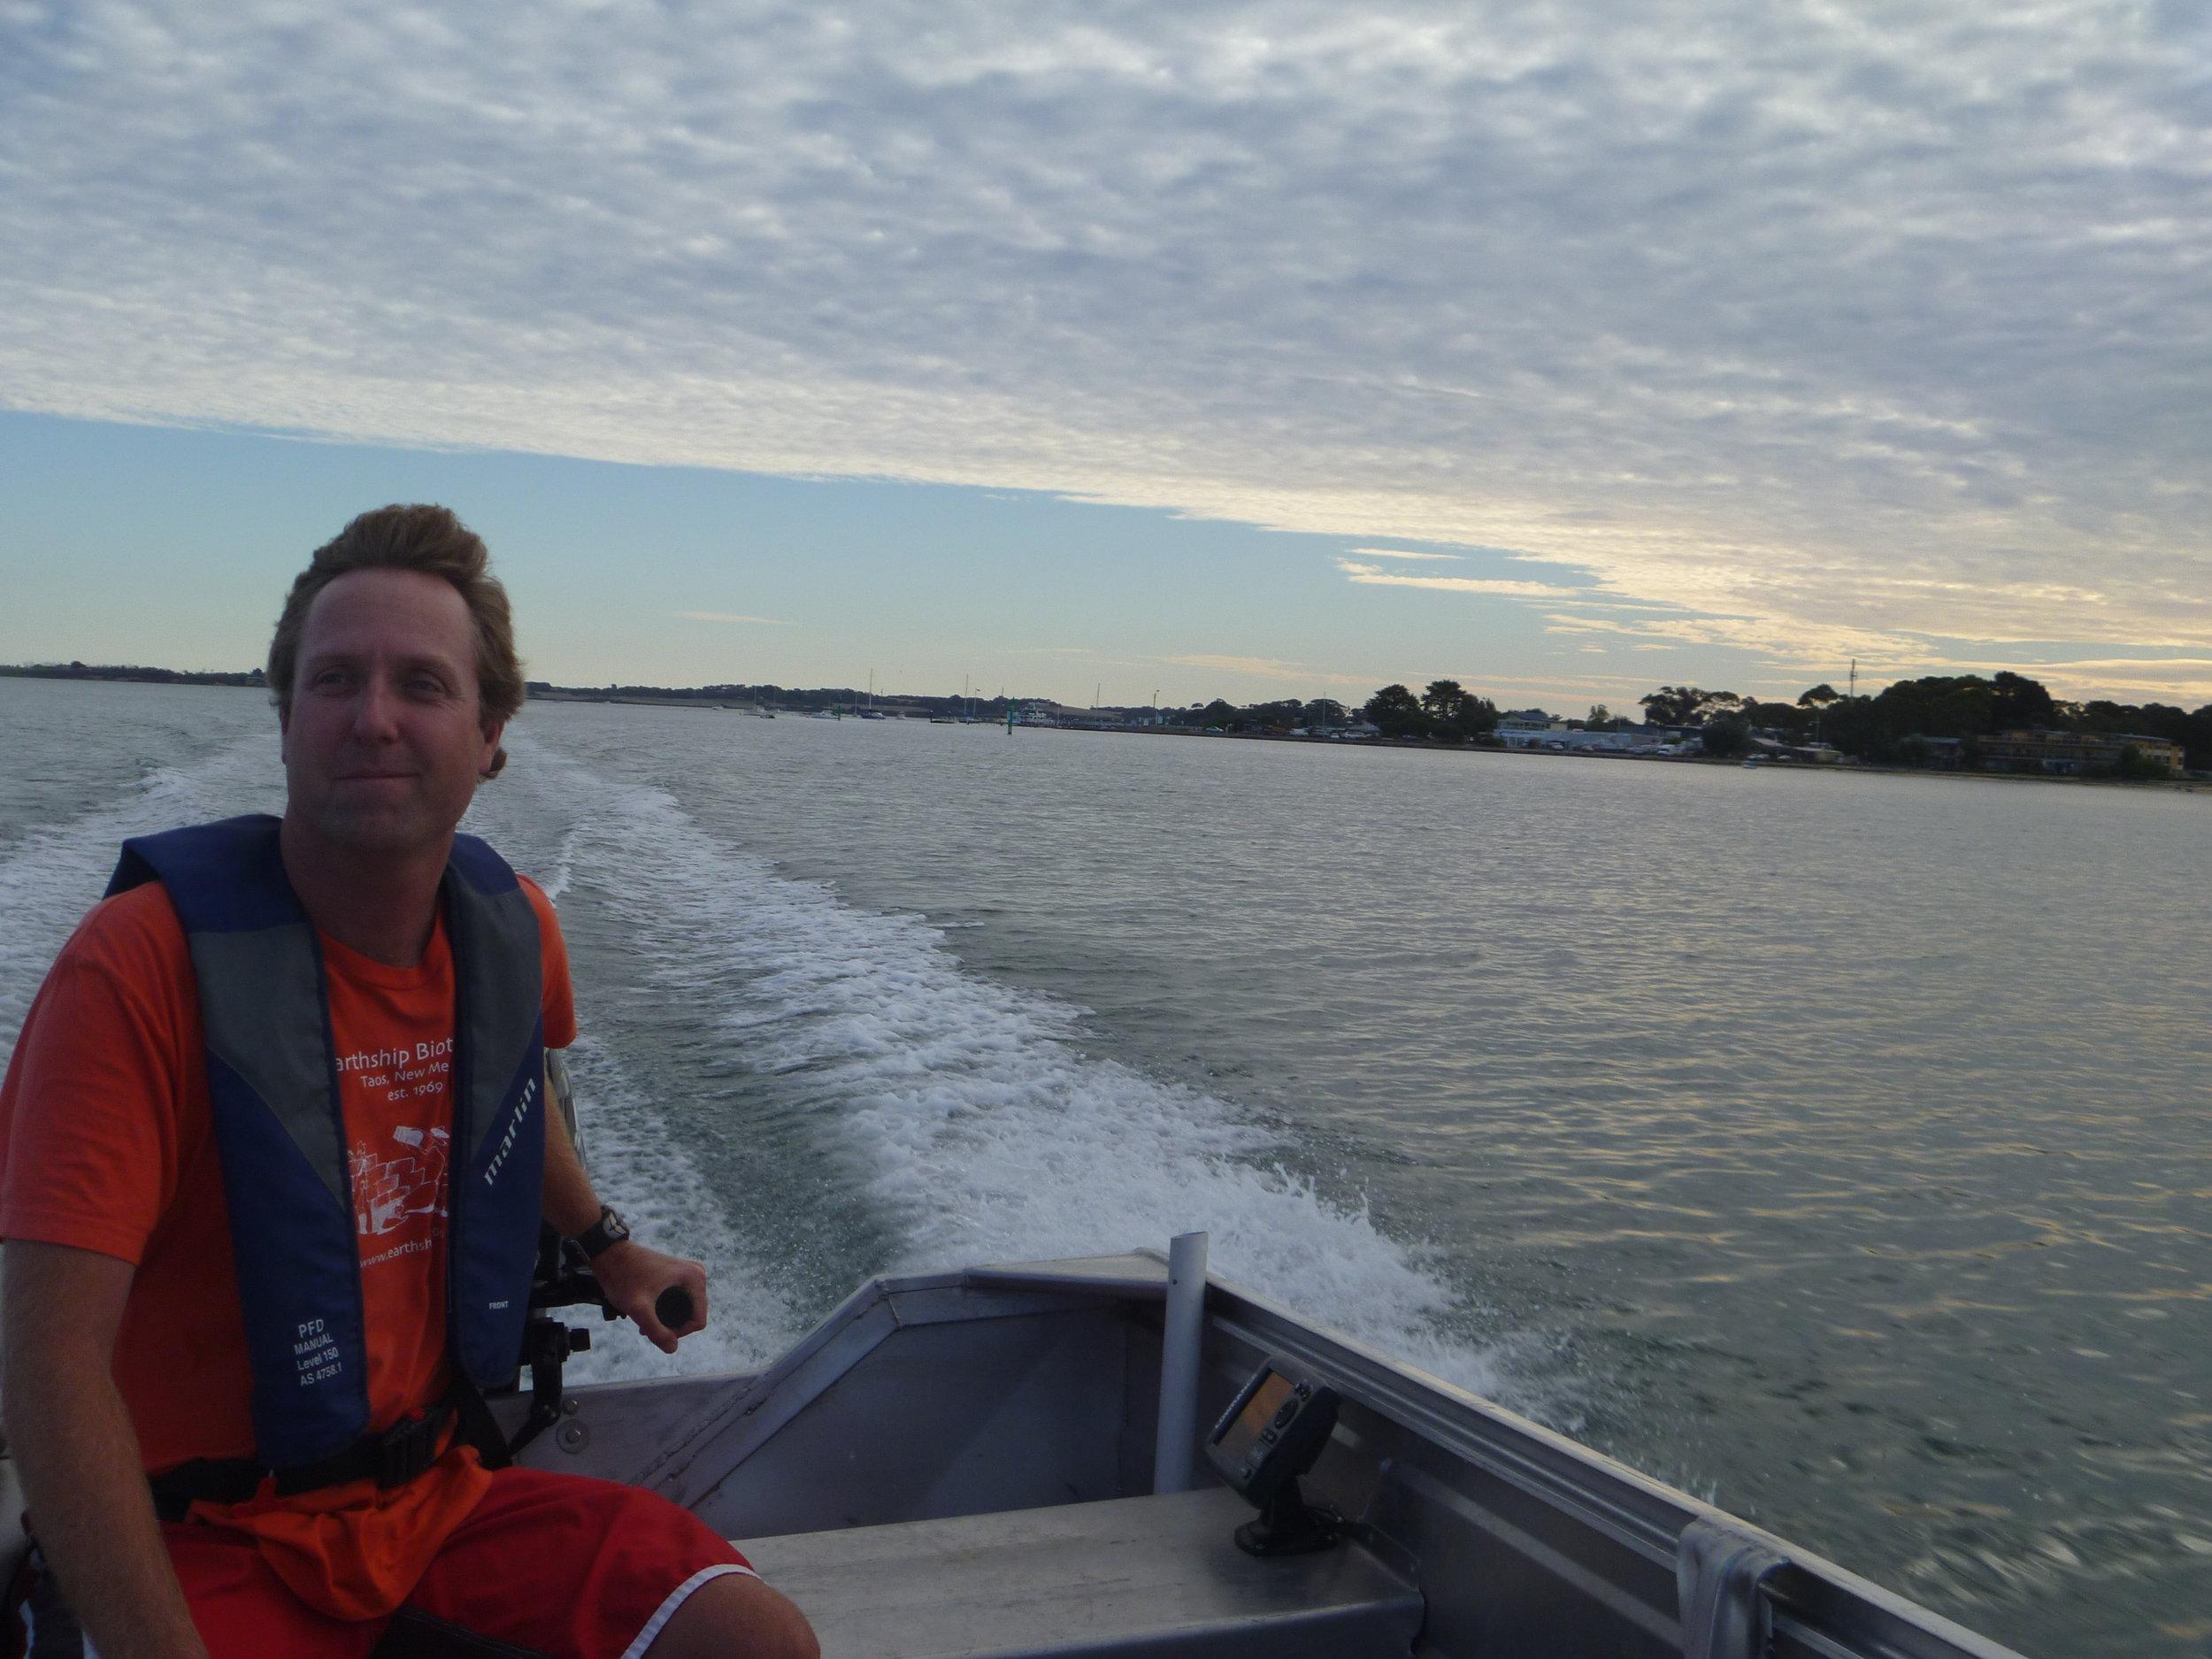 Lars in Westernport